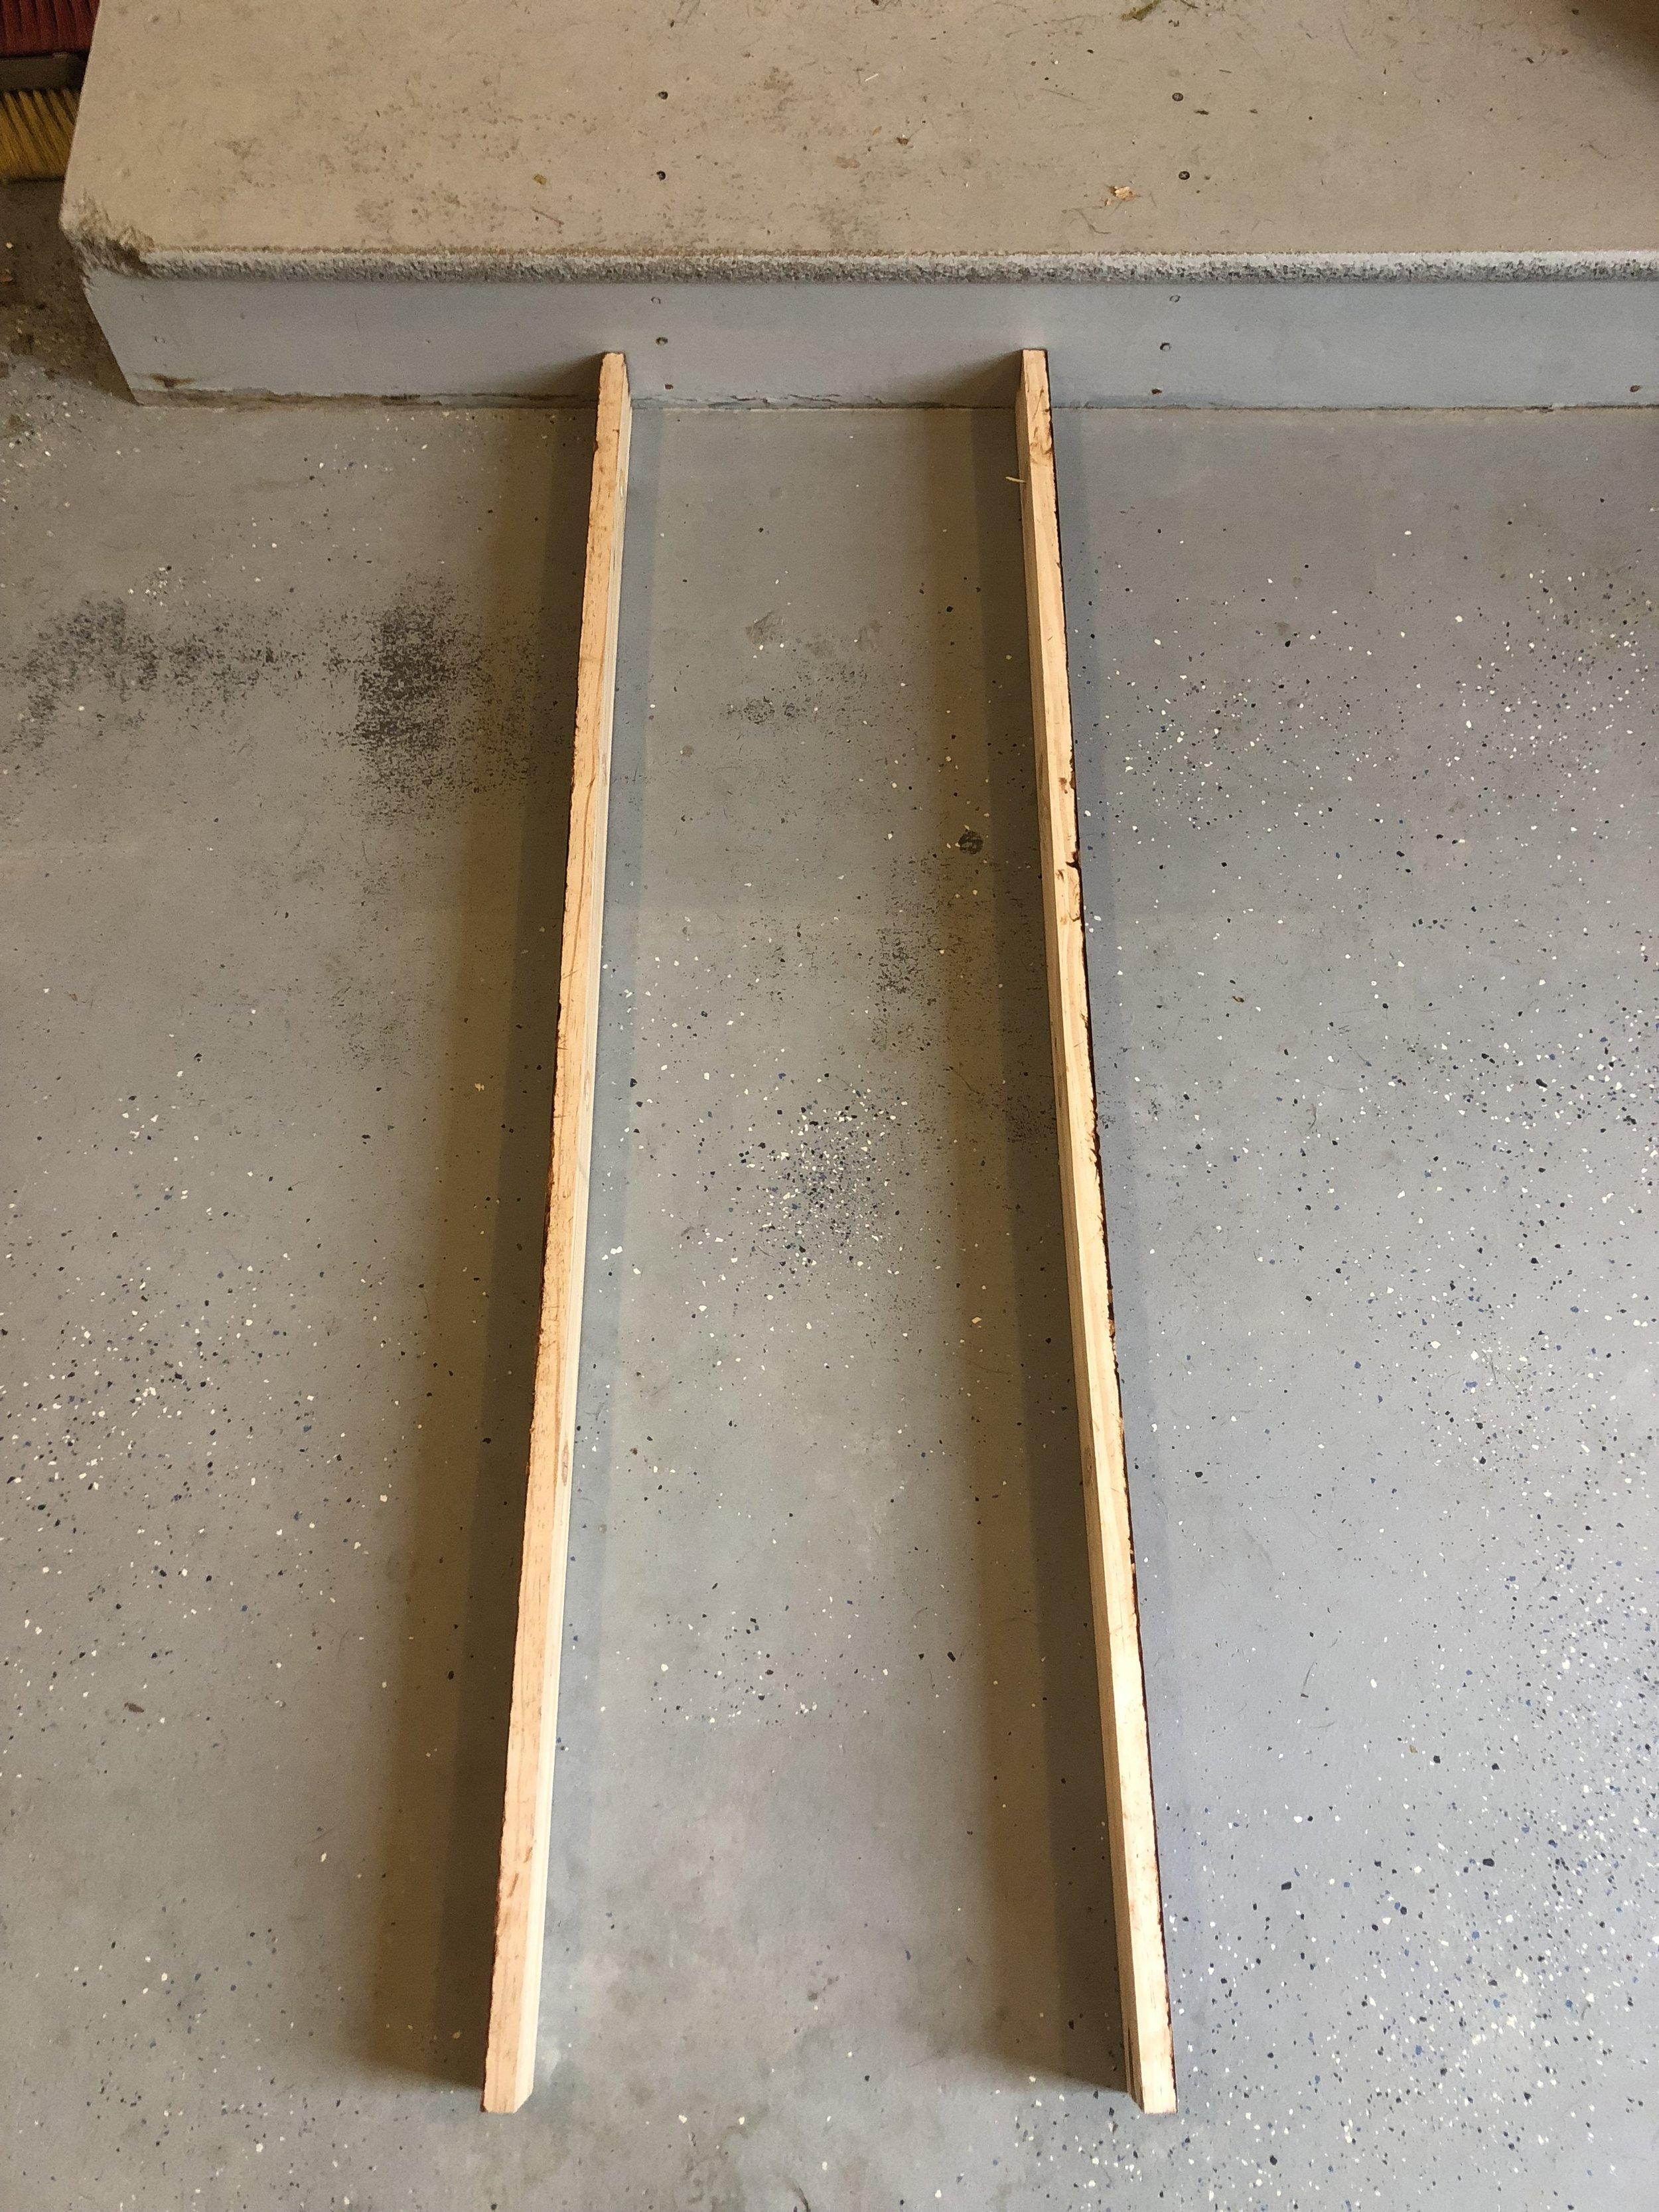 Blanket-ladder-DIY-rustic-farmhouse-decor-tutorial-easy